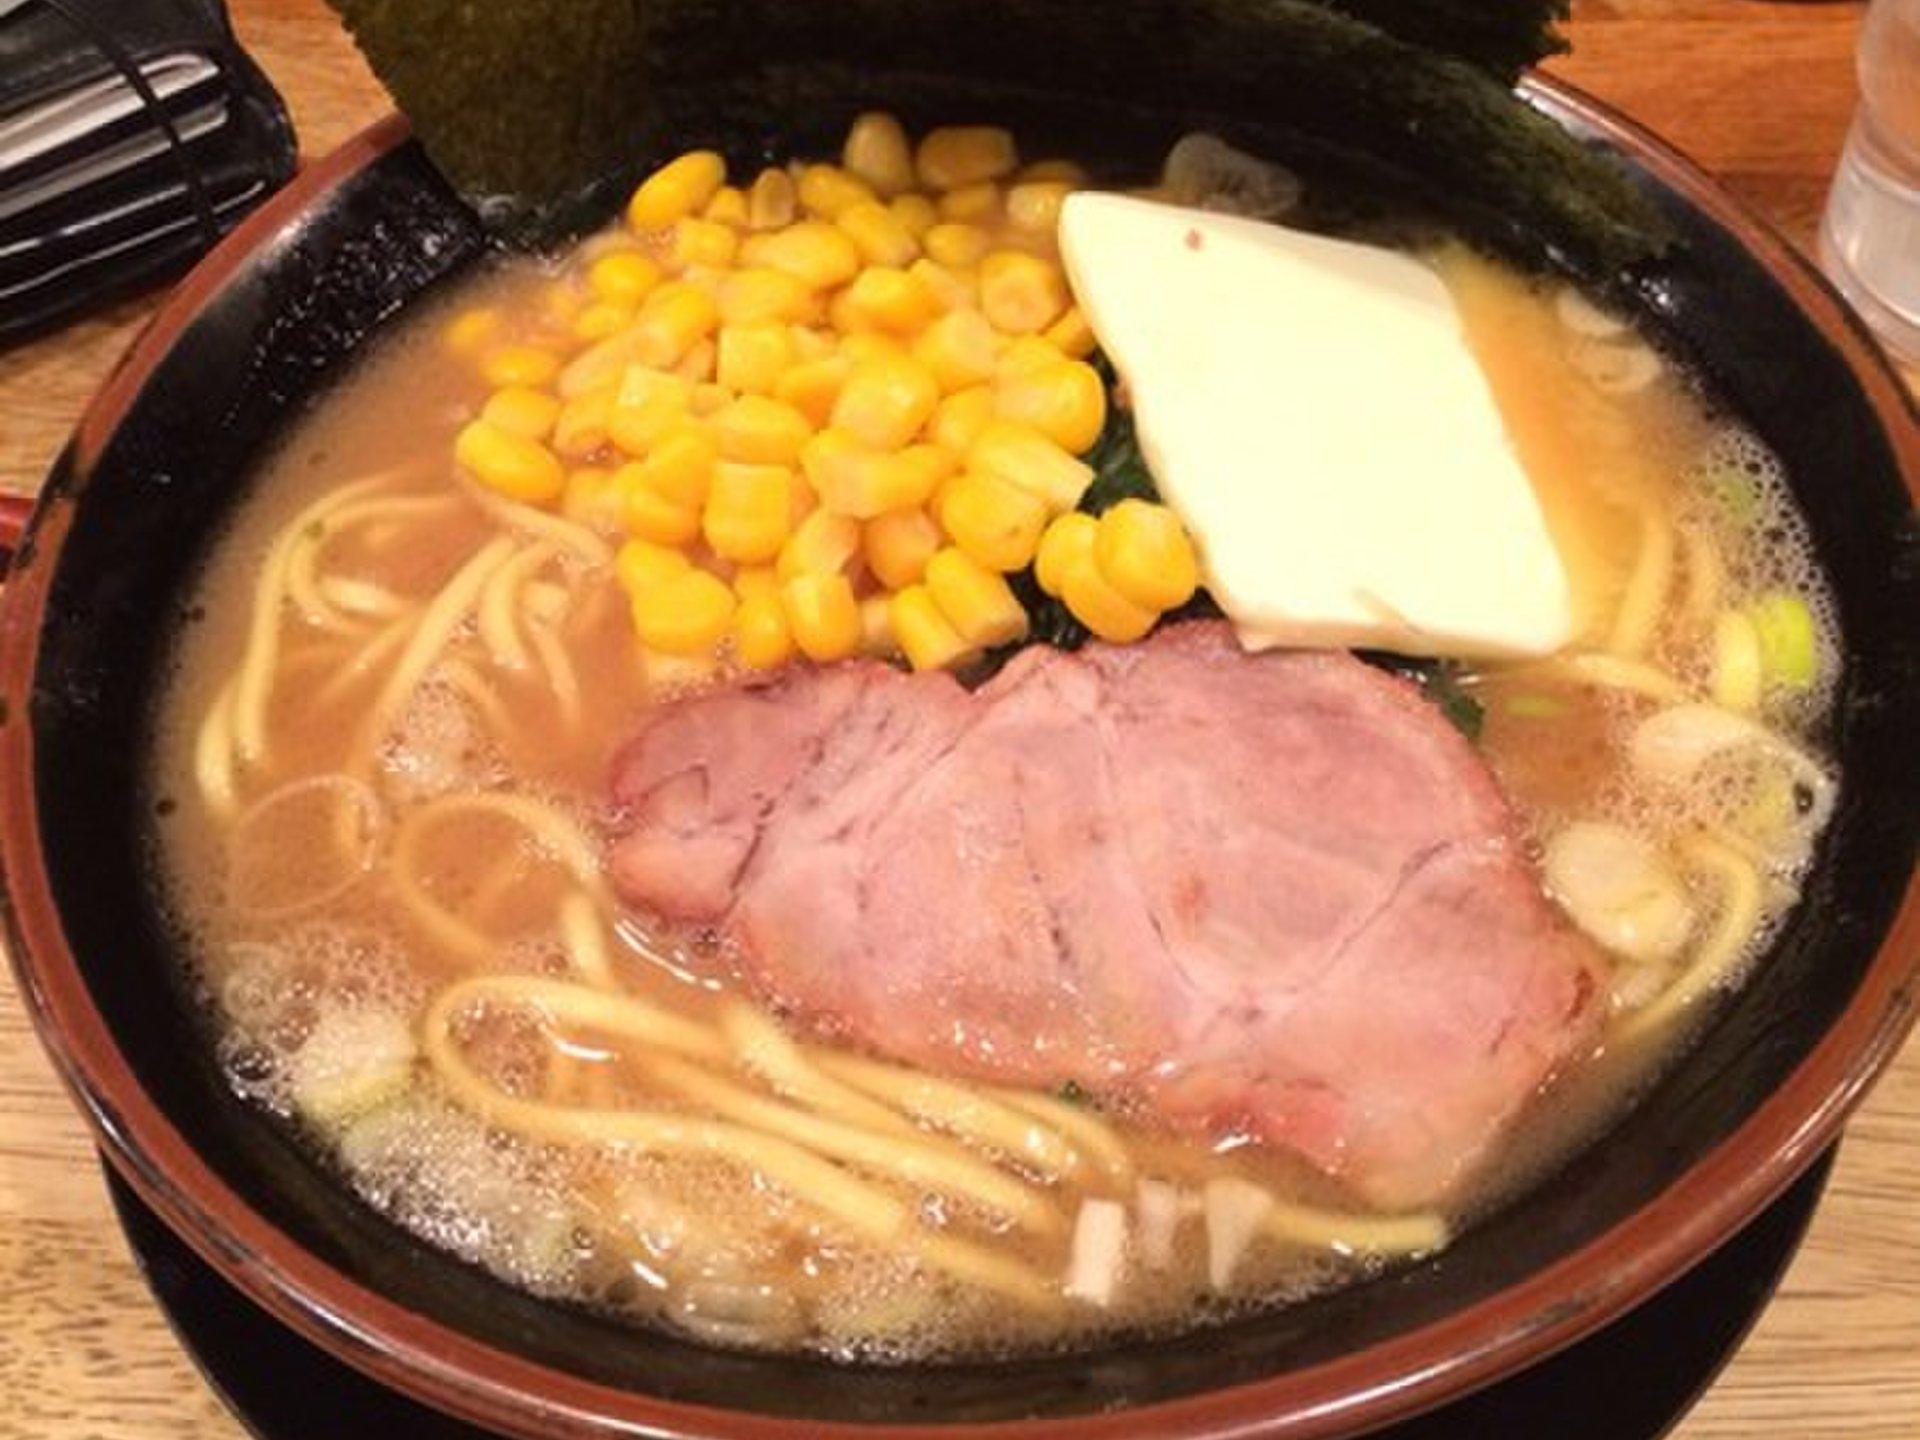 恵比寿の地で食べる極上の麺たち!駅近でランチにおすすめのお店3選